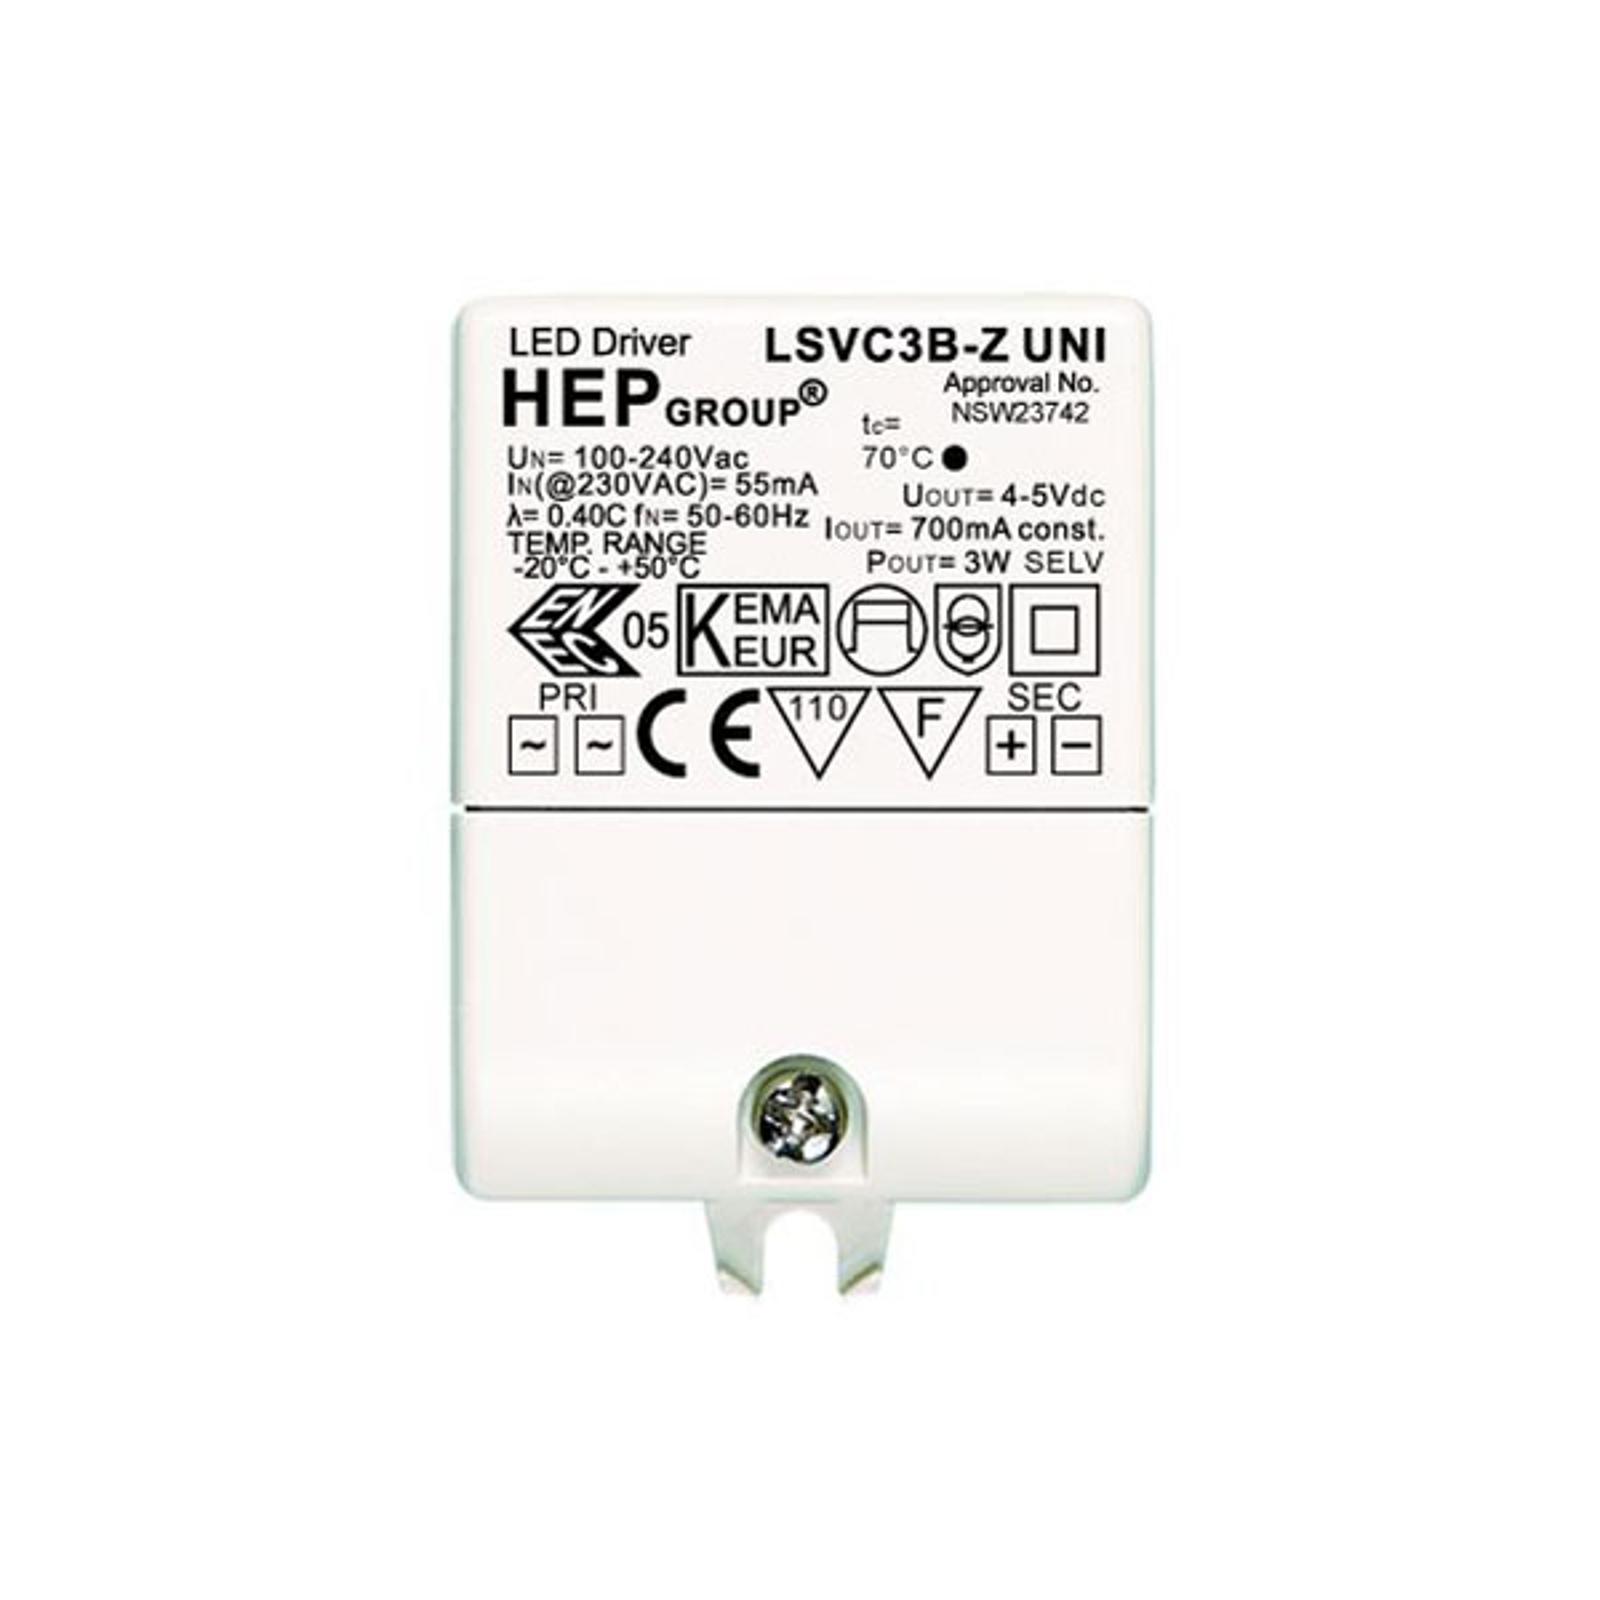 Driver LED 700mA 3W corrente costante